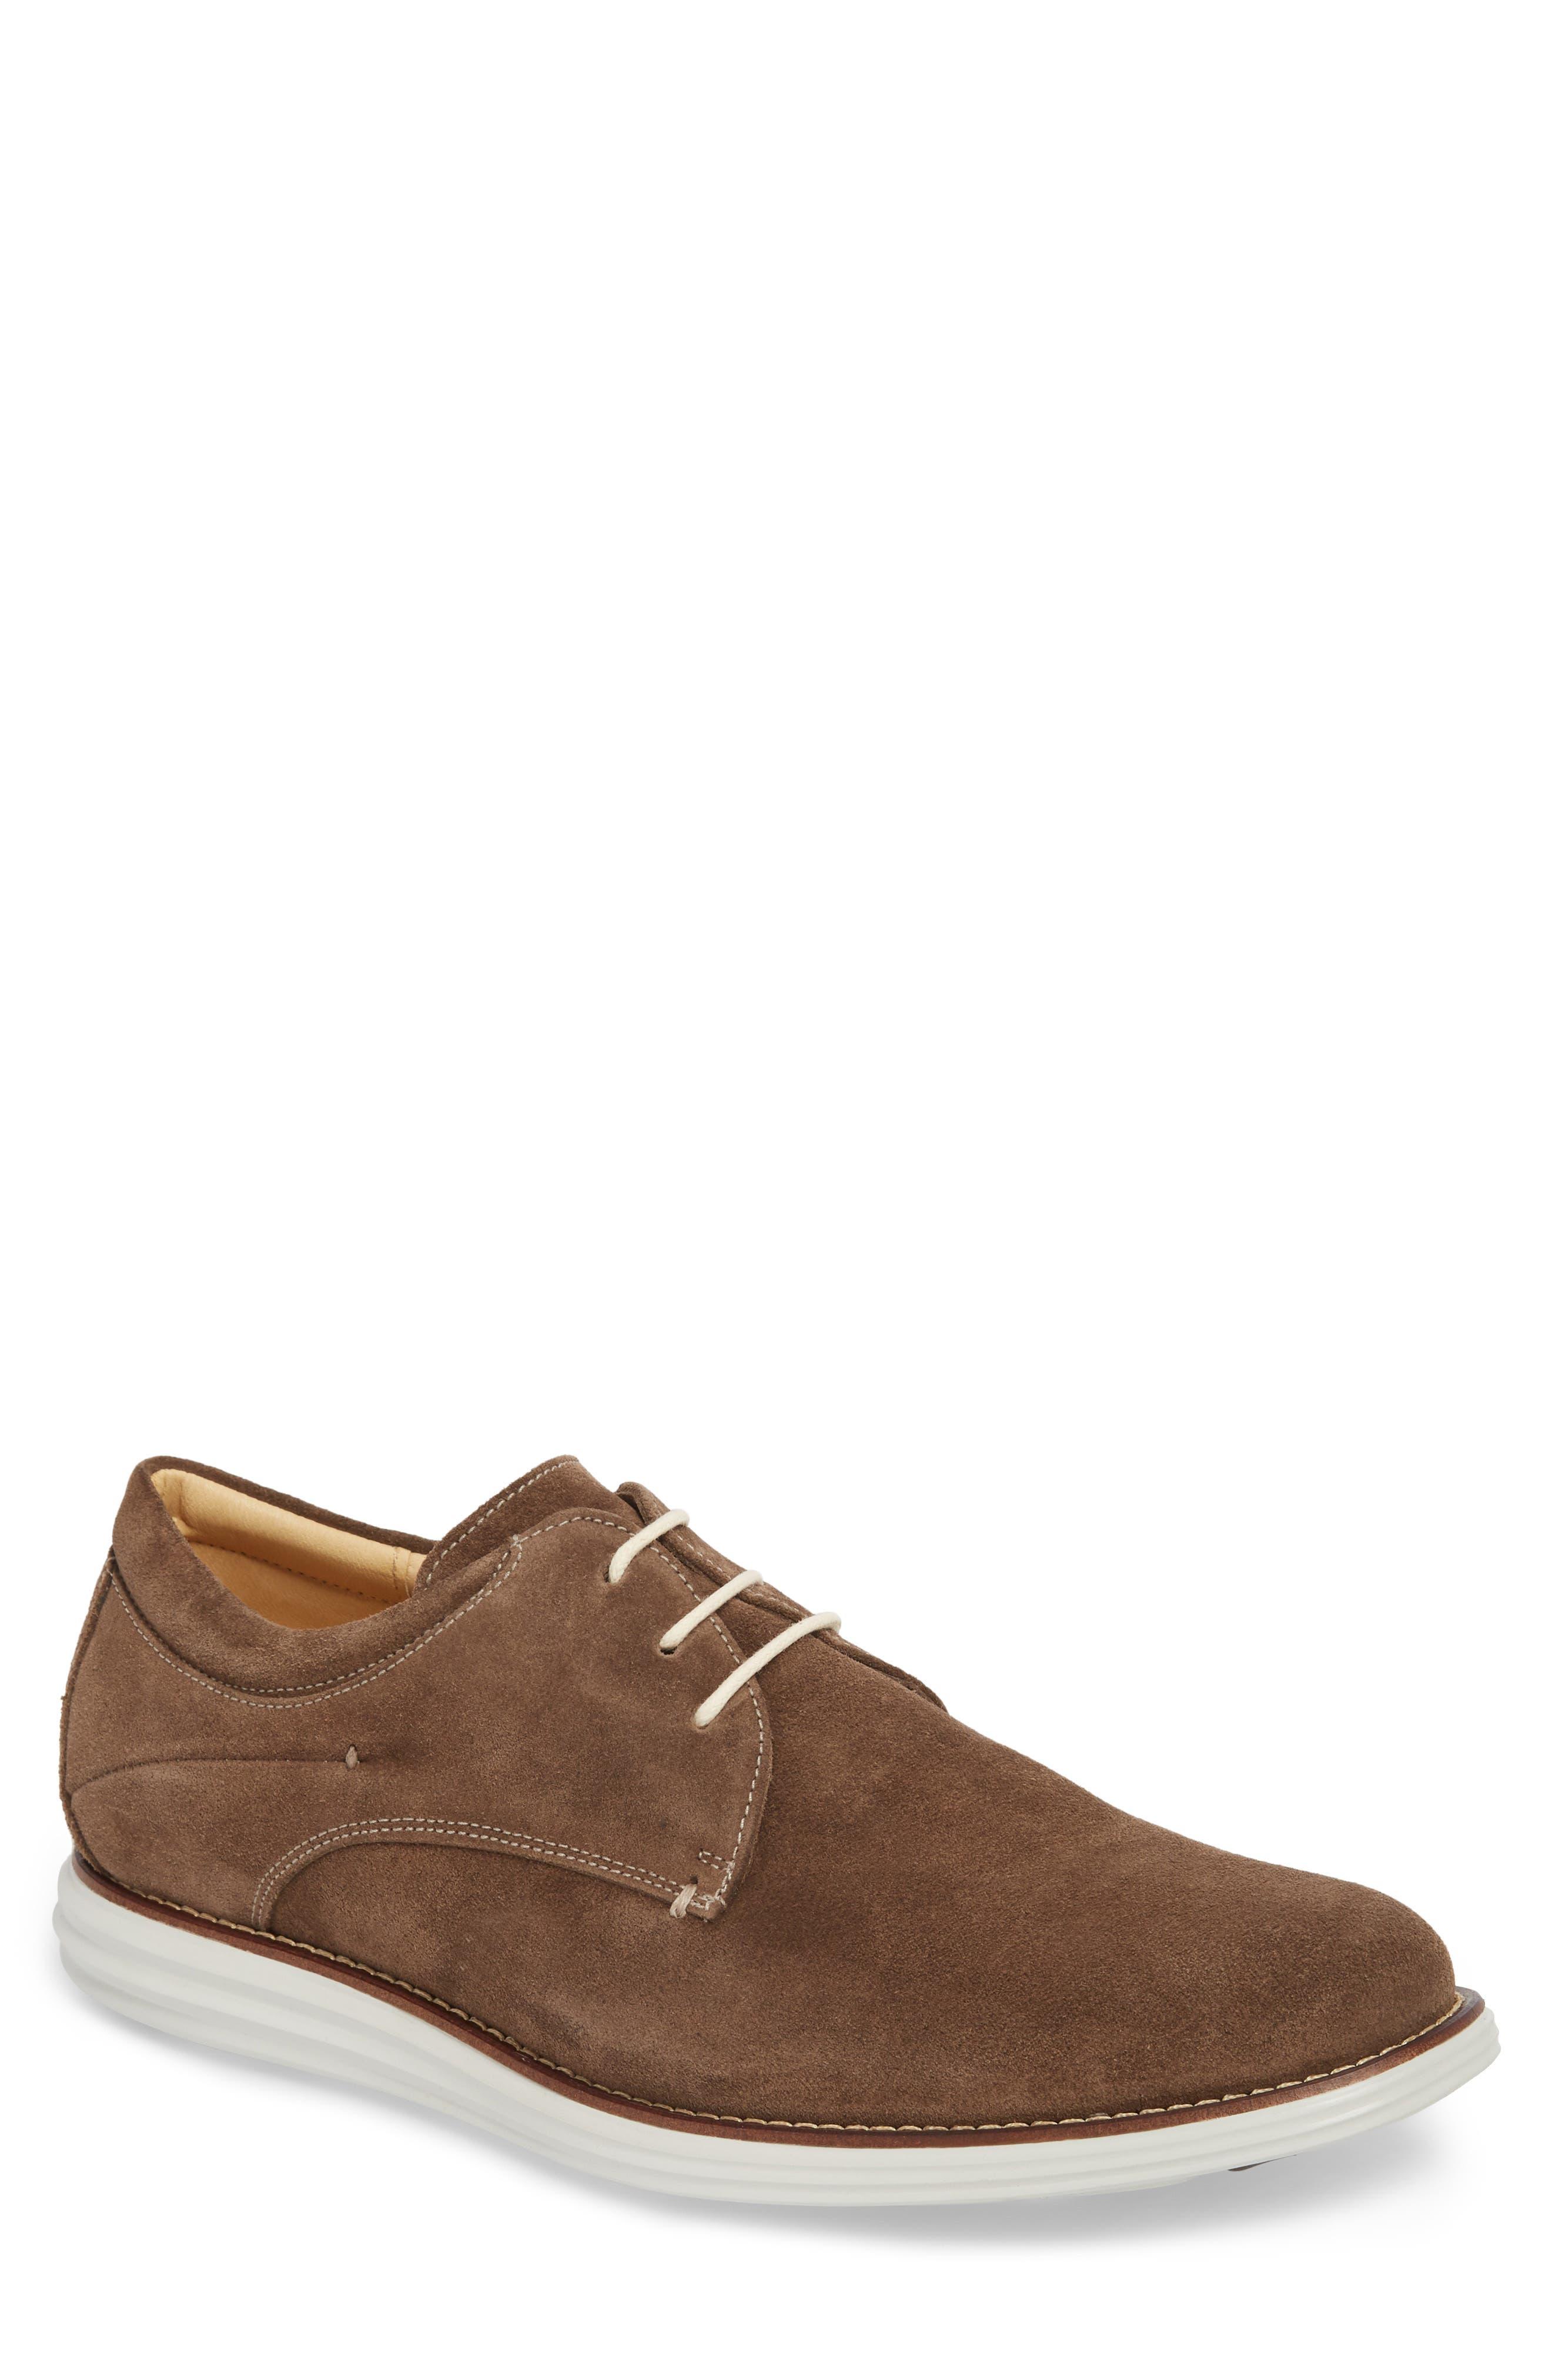 Planalto Plain Toe Derby,                             Main thumbnail 1, color,                             Suede Truffle Leather